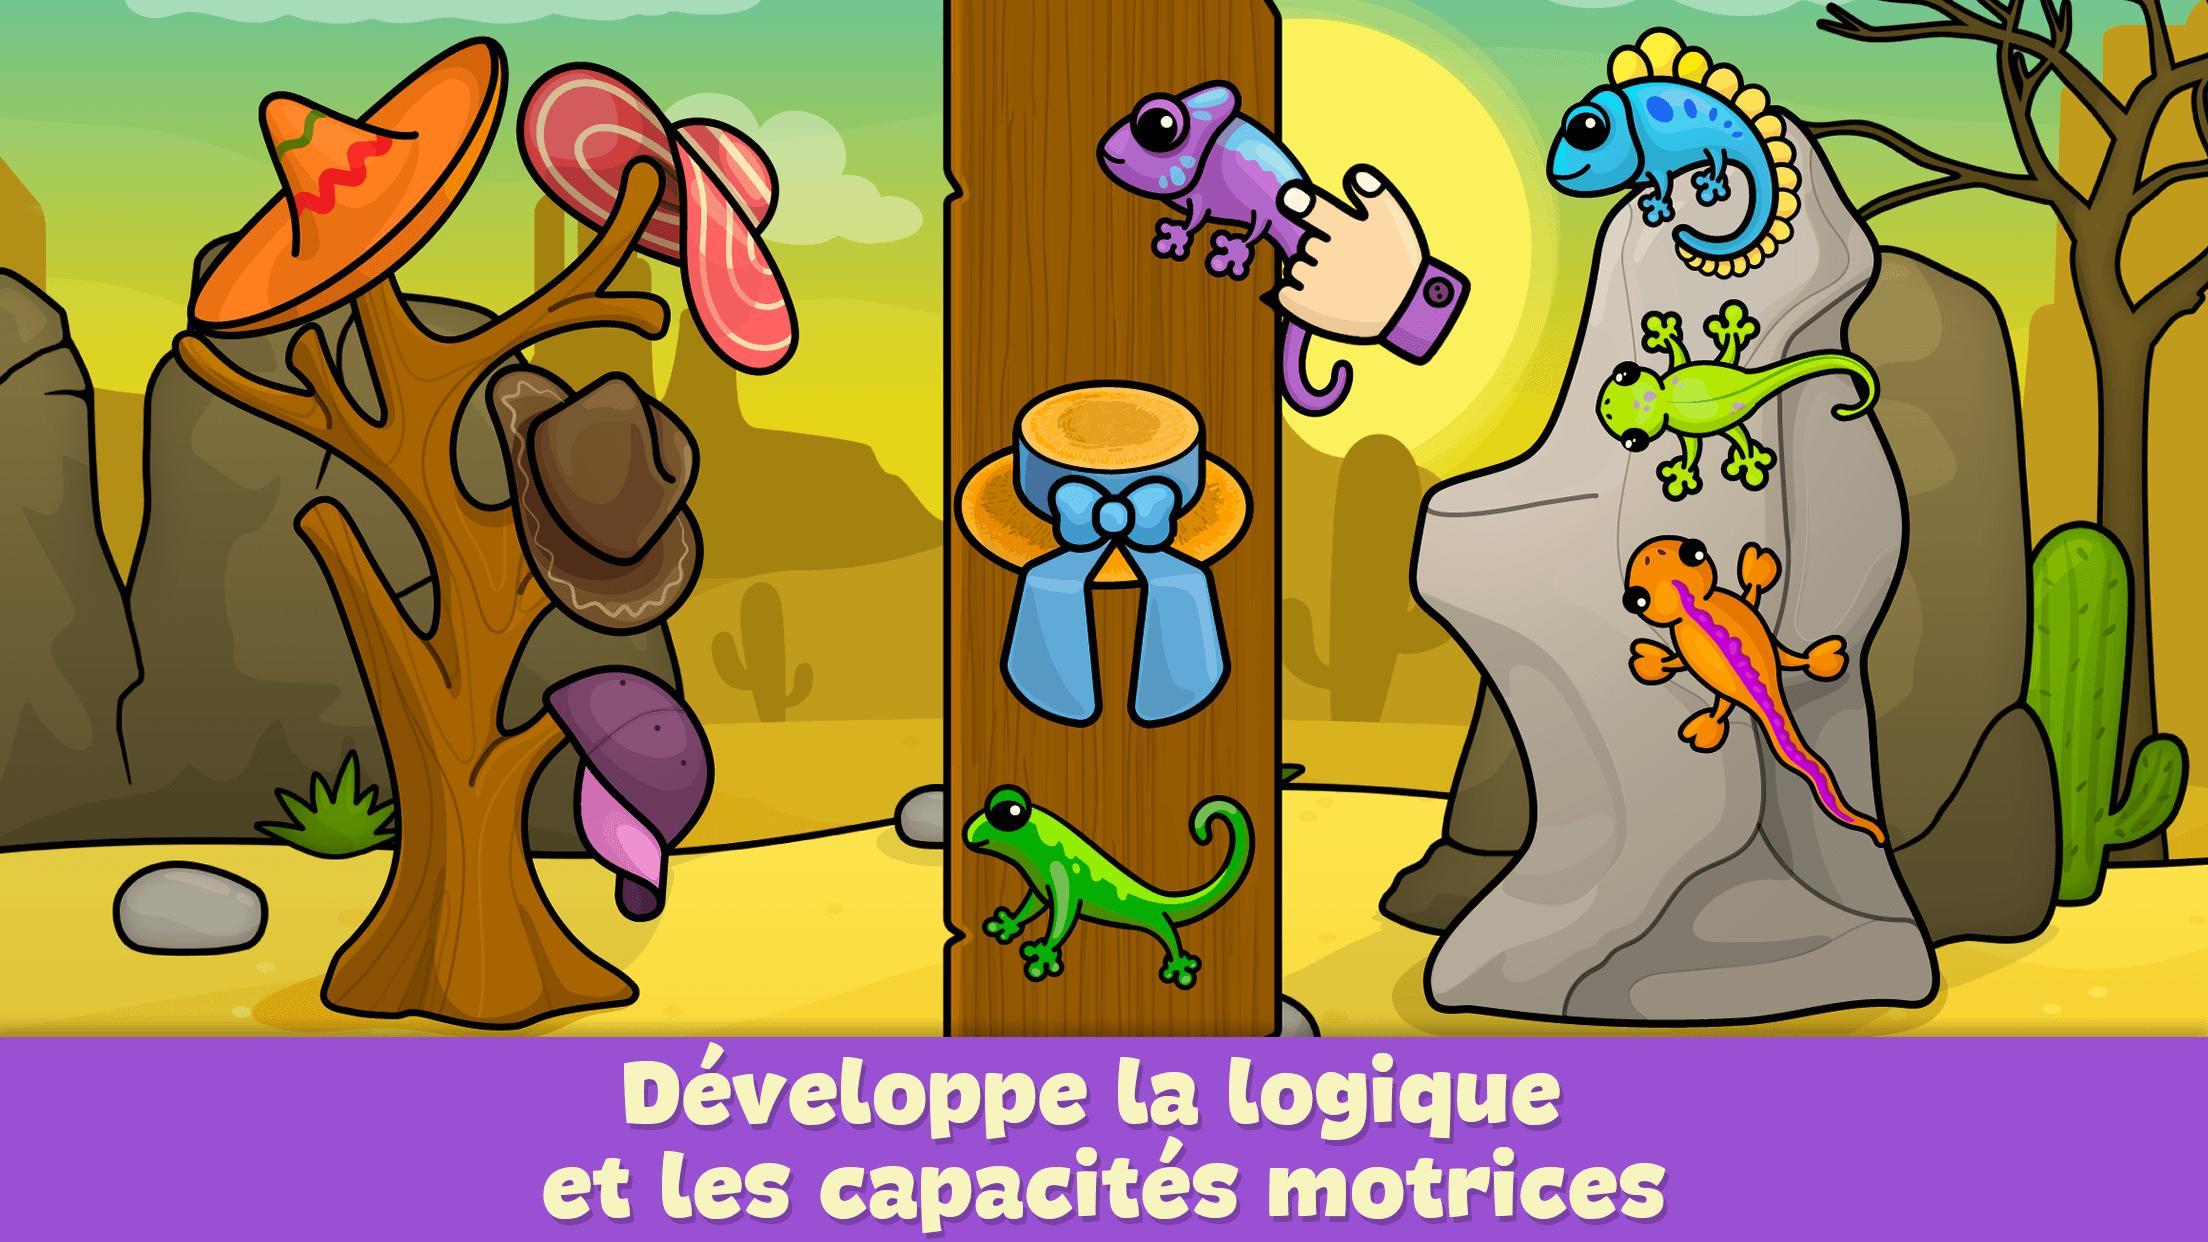 Jeux Pour Enfants 2 - 5 Ans Pour Android - Téléchargez L'apk tout Jeux De Garcon Gratuit 3 Ans